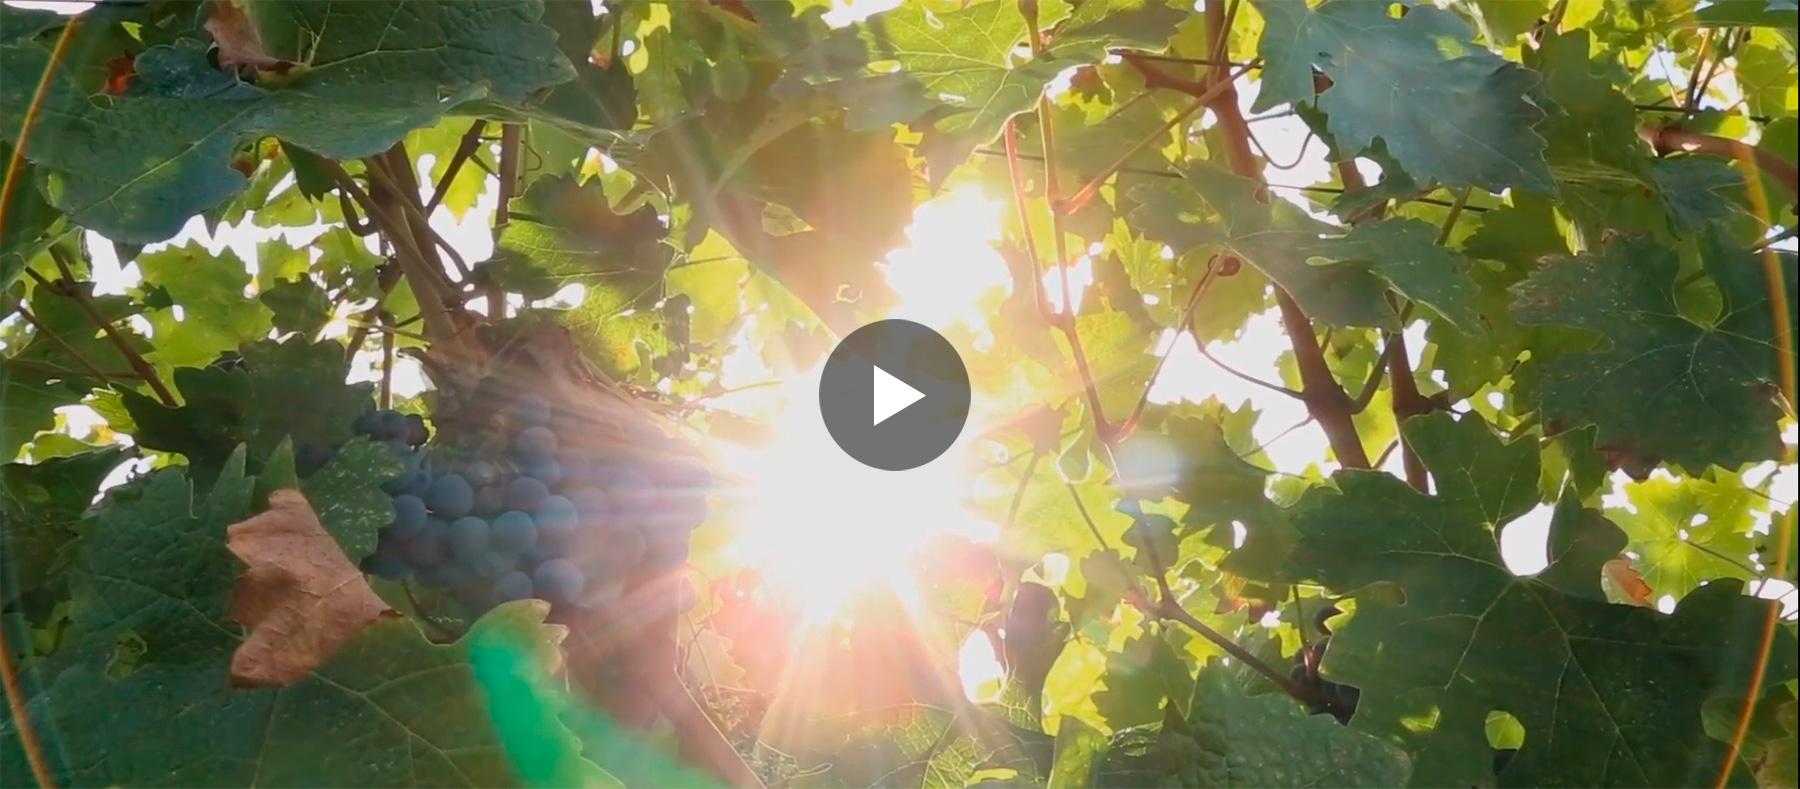 Vidéo YouTube sur les Vignobles Marie-Laure Lurton